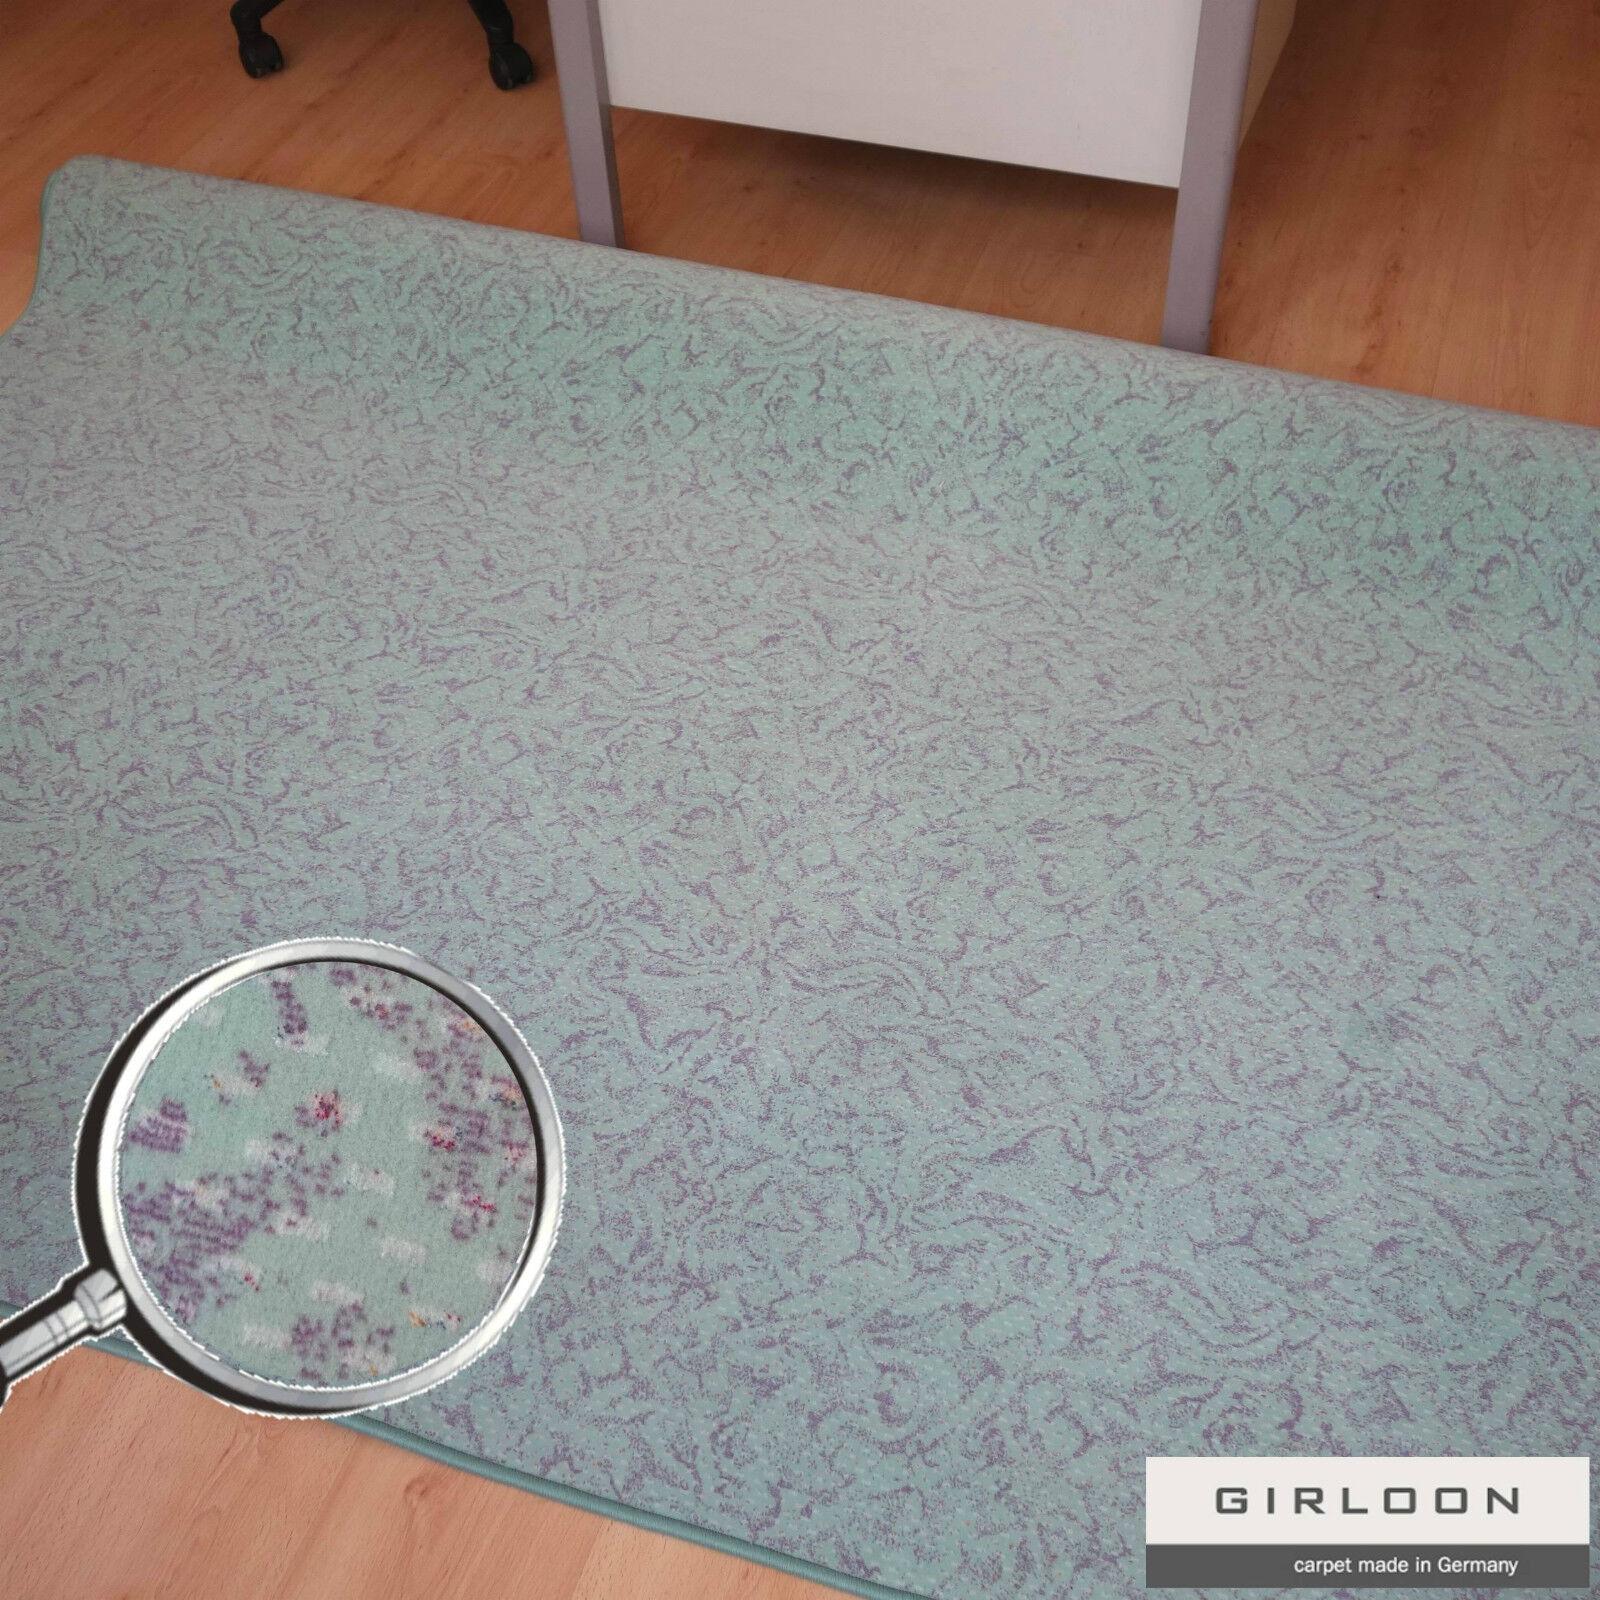 Saldi Oggetto Tappeto Tappeto Tappeto Girloon Menta   Lilla Parte Posteriore in Tessuto 6901a5